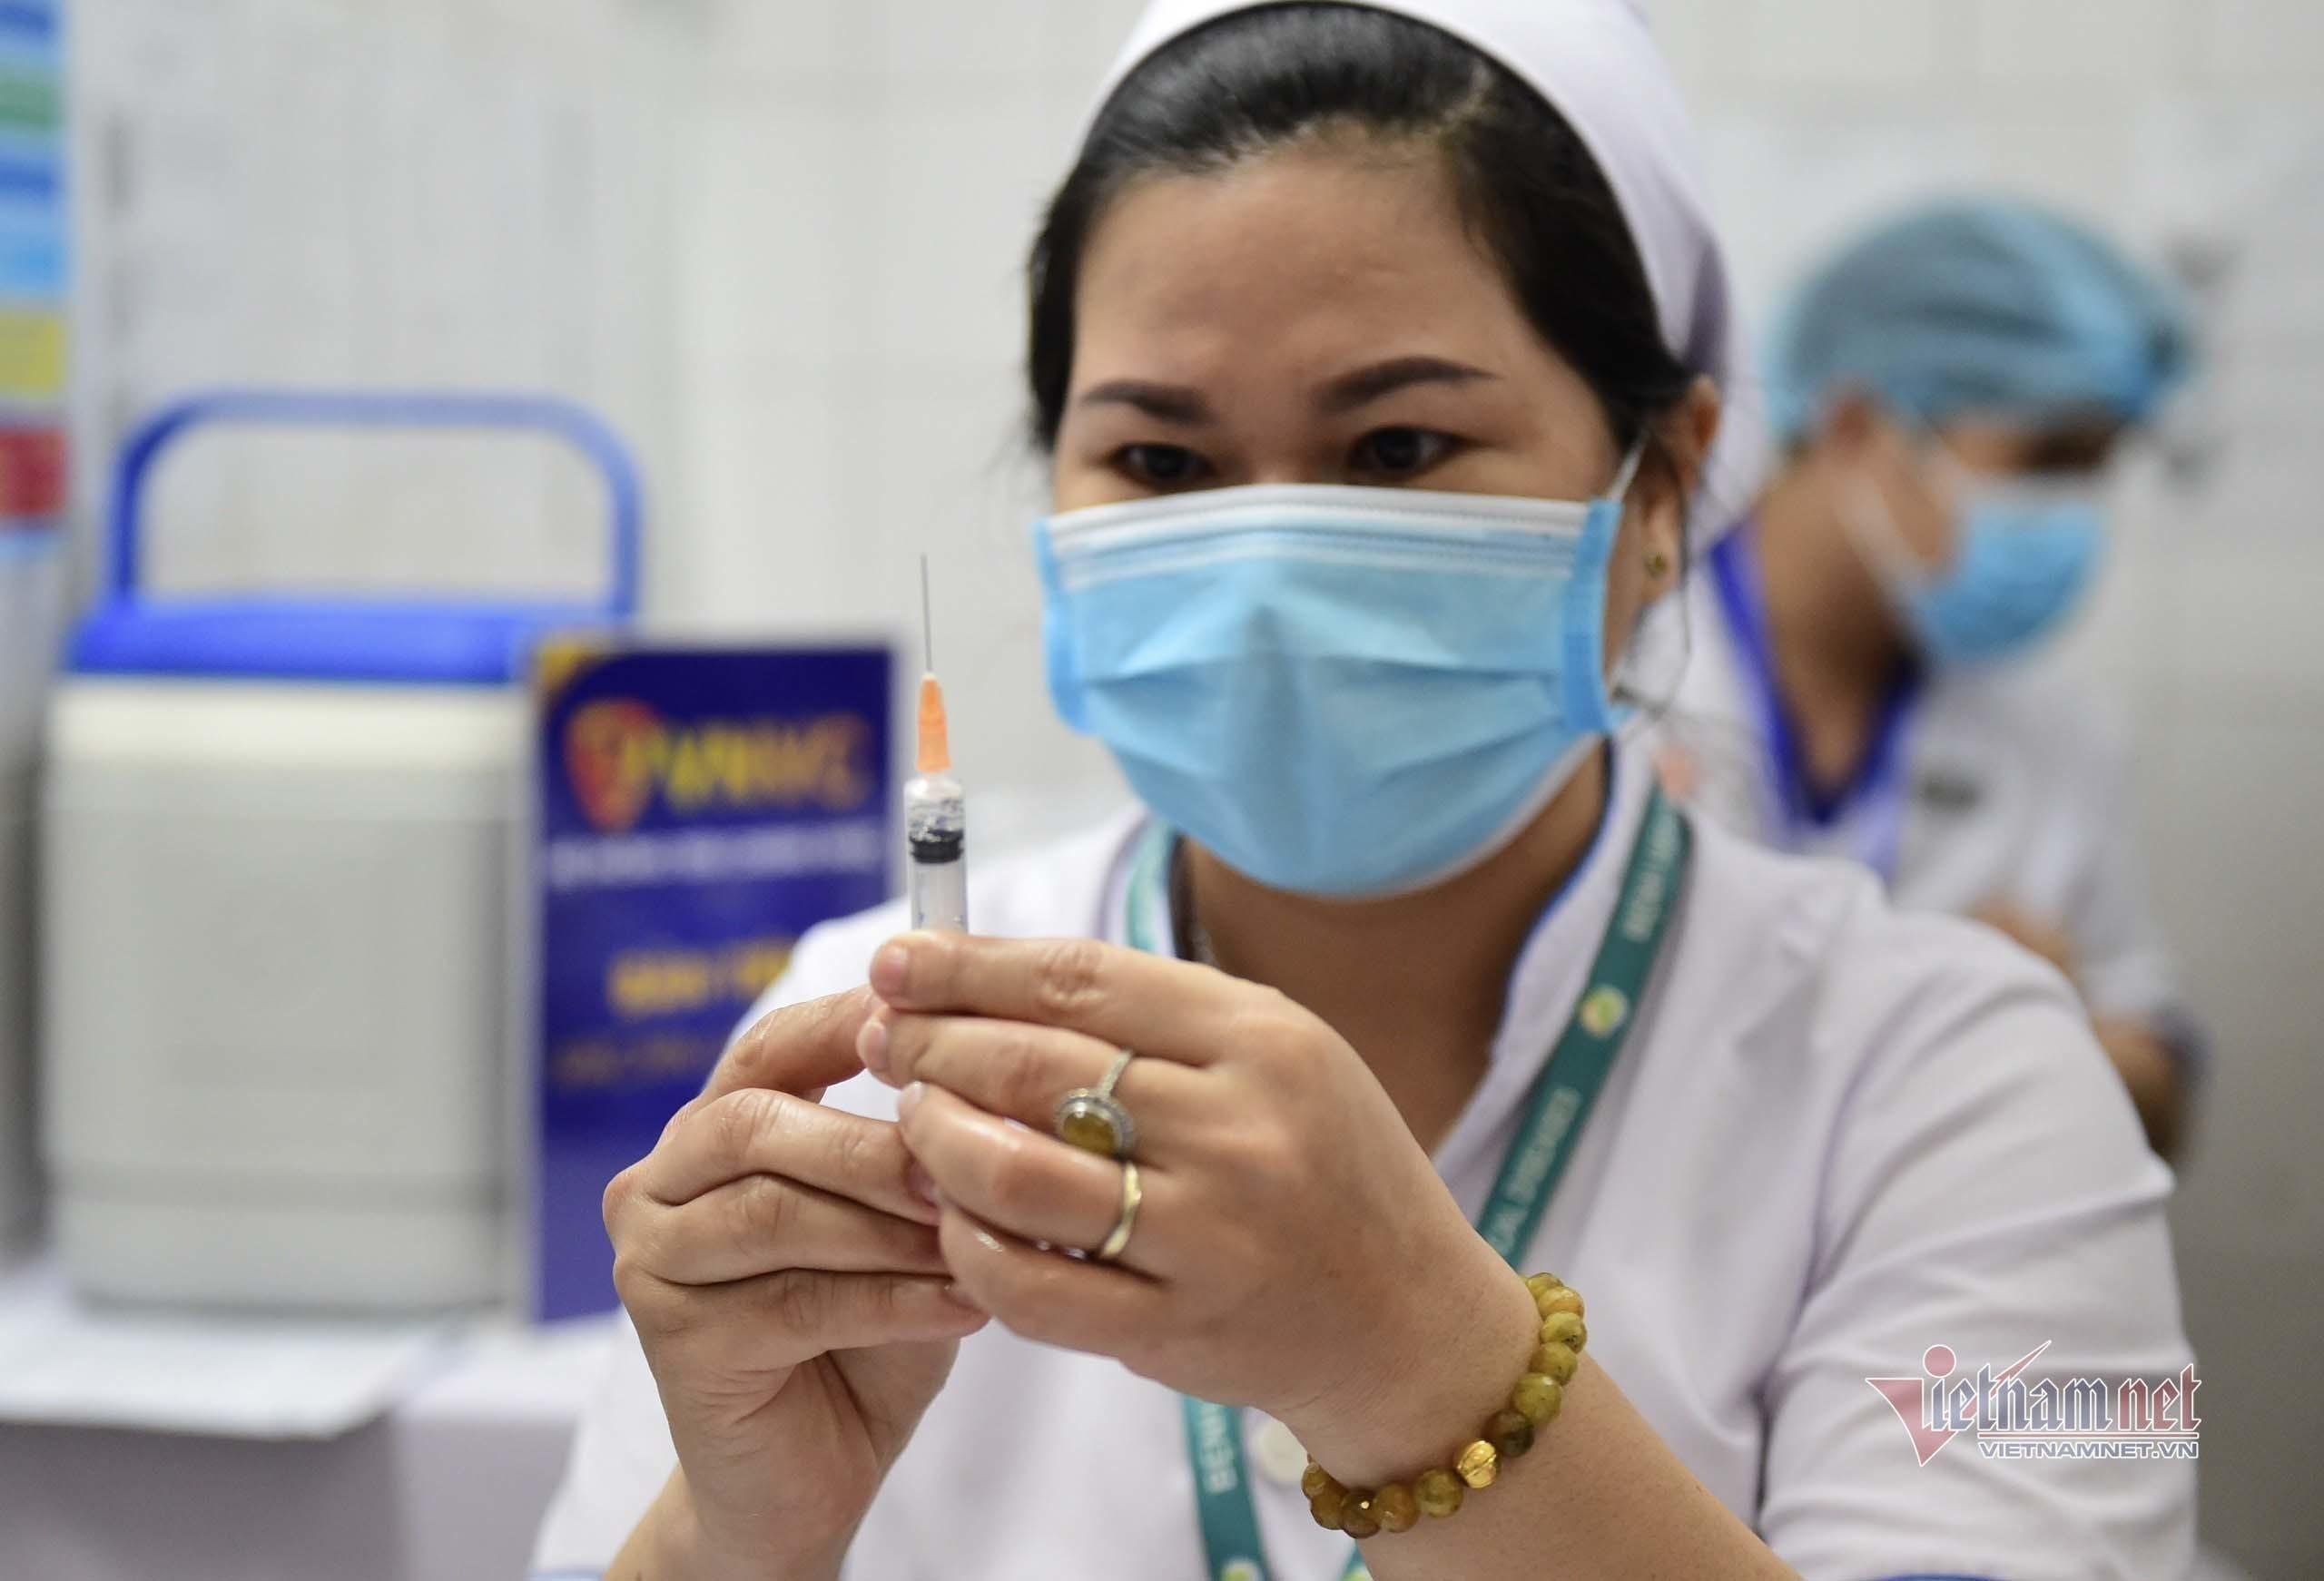 Việt Nam đã đẩy nhanh tiêm chủng như một chiến lược quan trọng